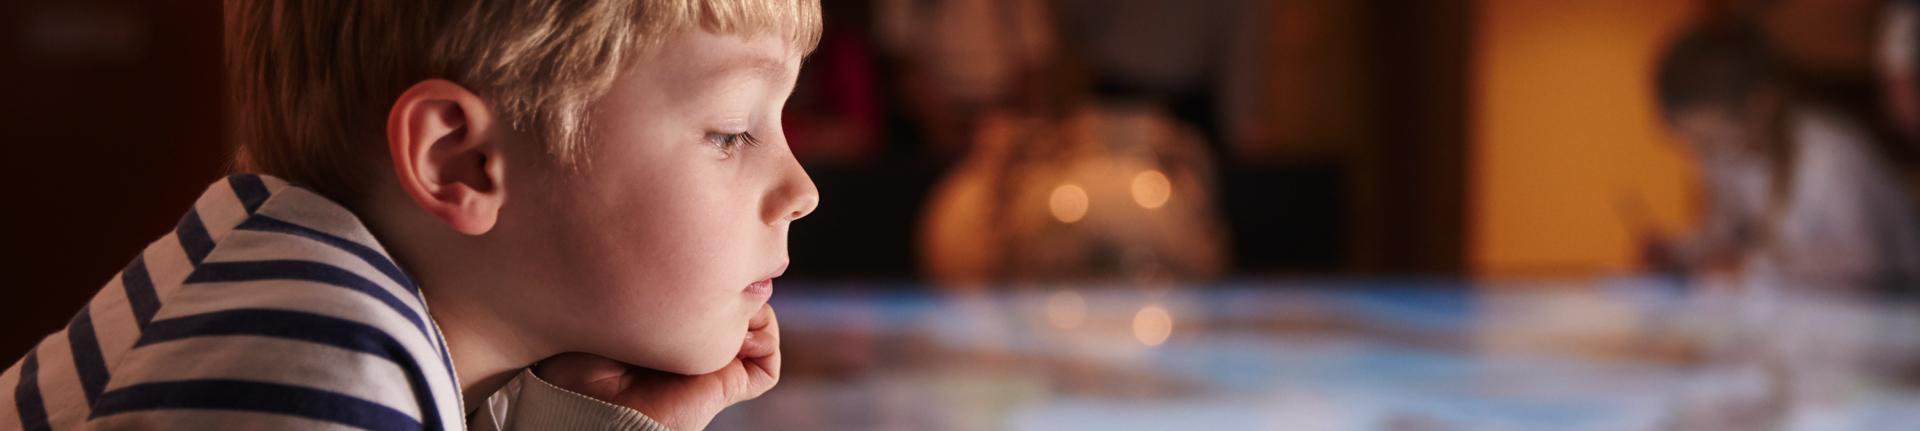 Museu, arte e crianças: terapia para a família!